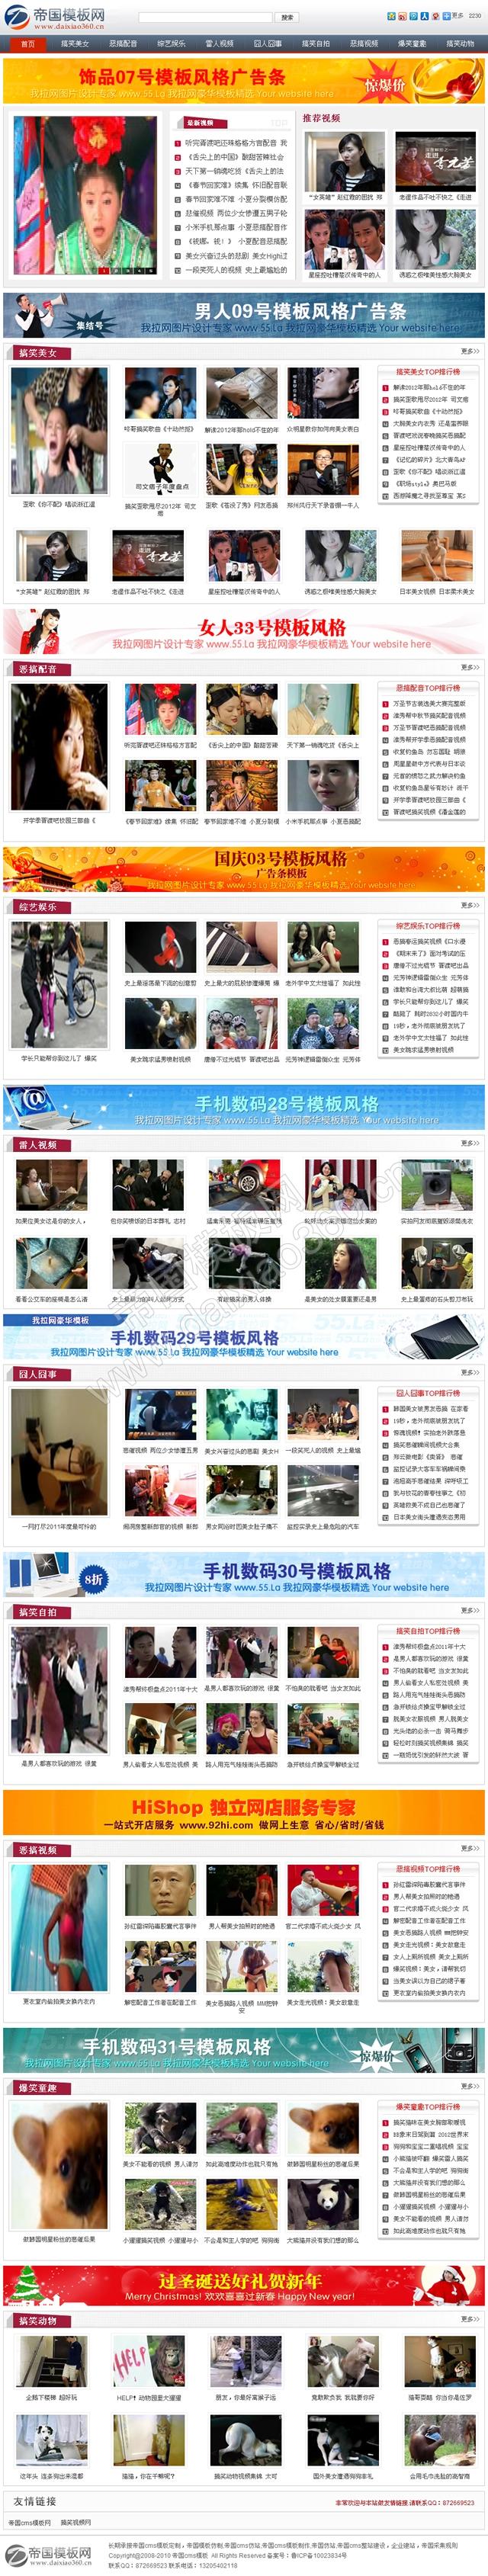 帝国cms视频图片网站模板_首页